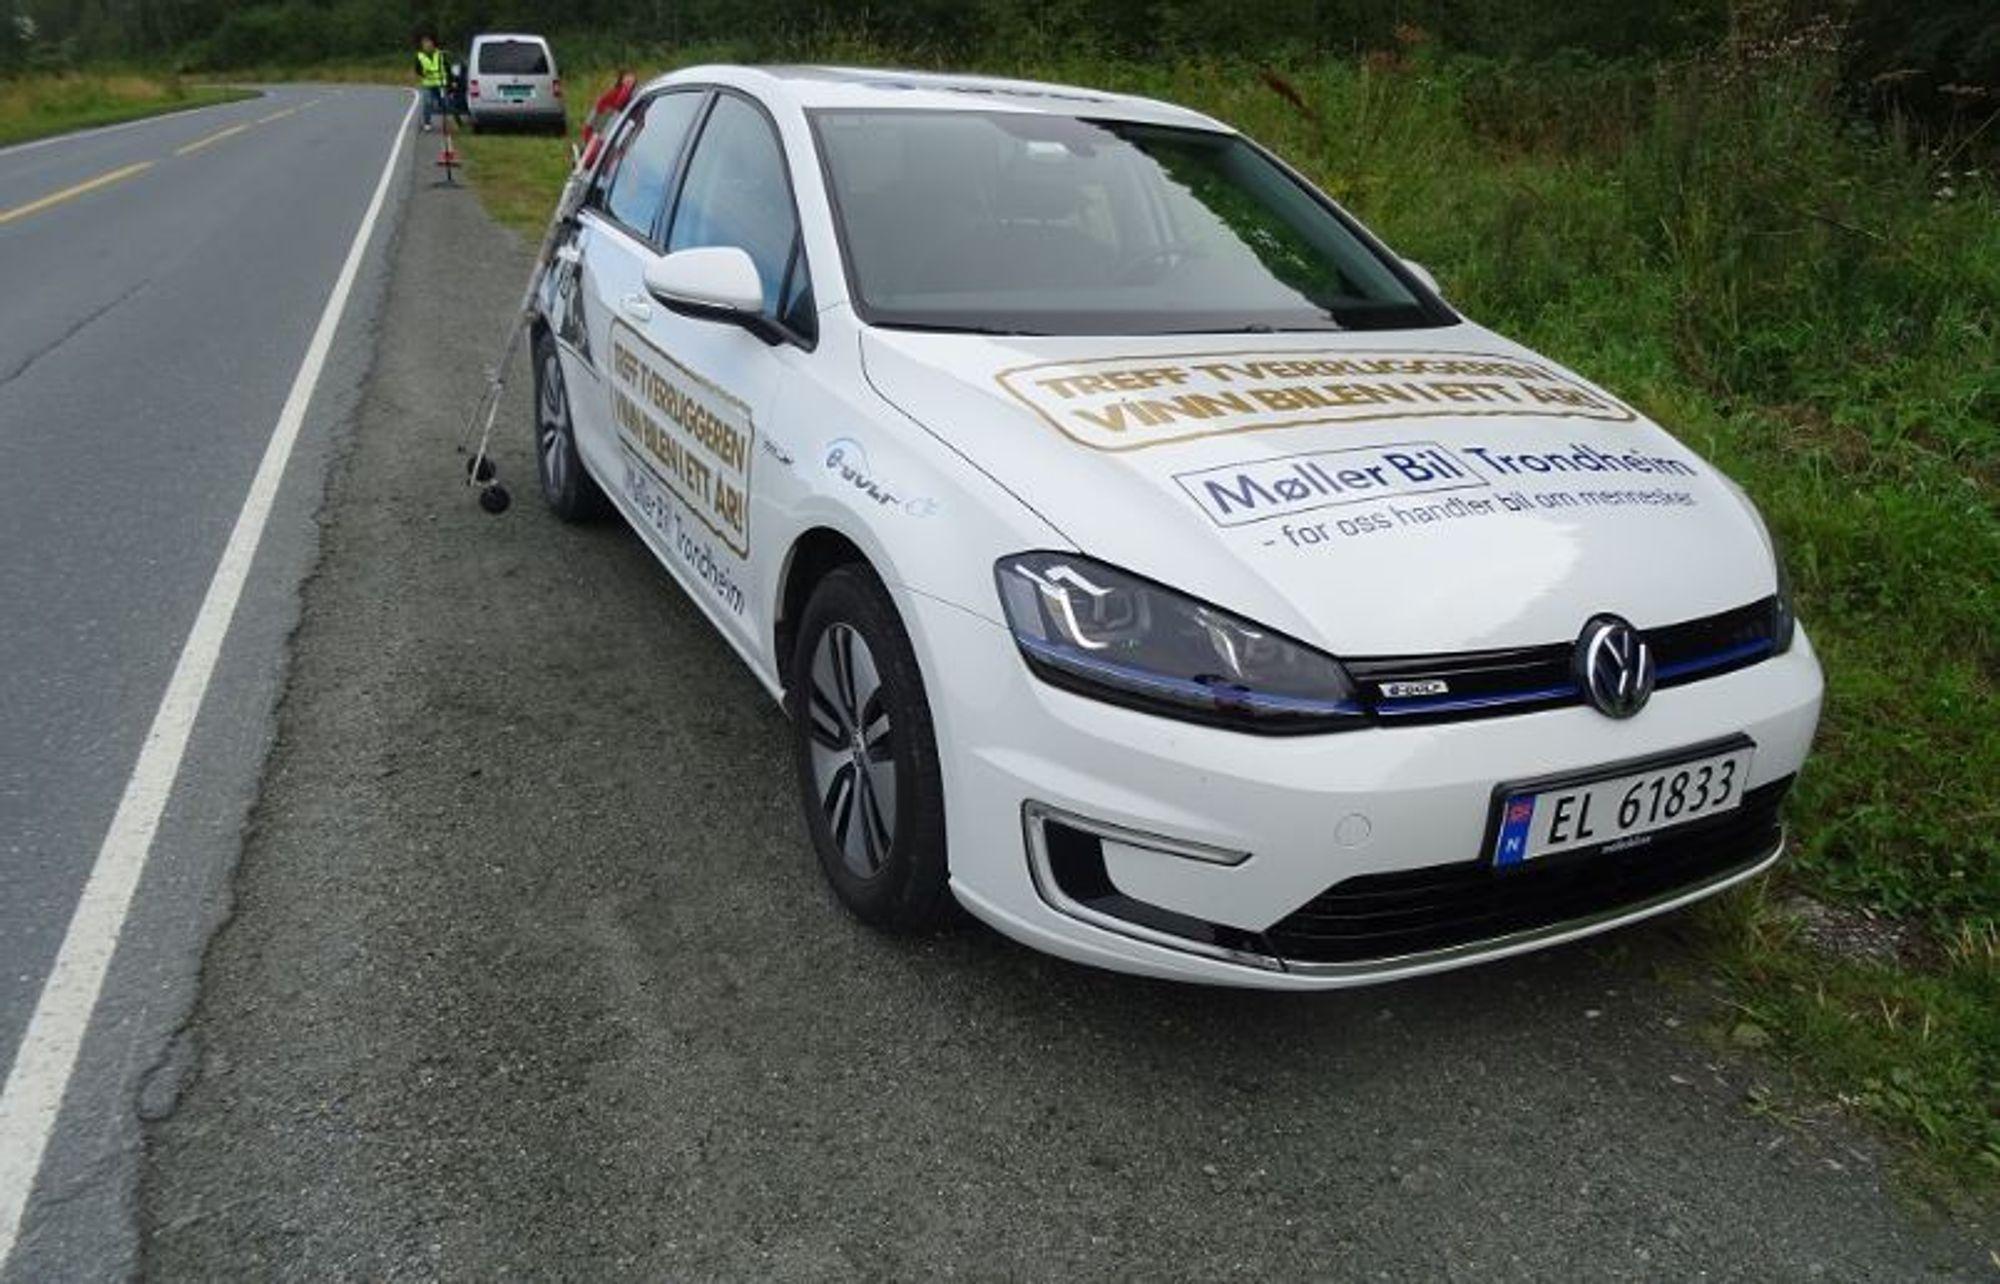 Veitrafikken står for rundt 80 prosent av støyplagen i Norge. Lav rullemotstand gir lavere energiforbruk - og mindre støy. Her måler de norske forskerne støy i felt, i samarbeid med Gdansk Technical University i Polen